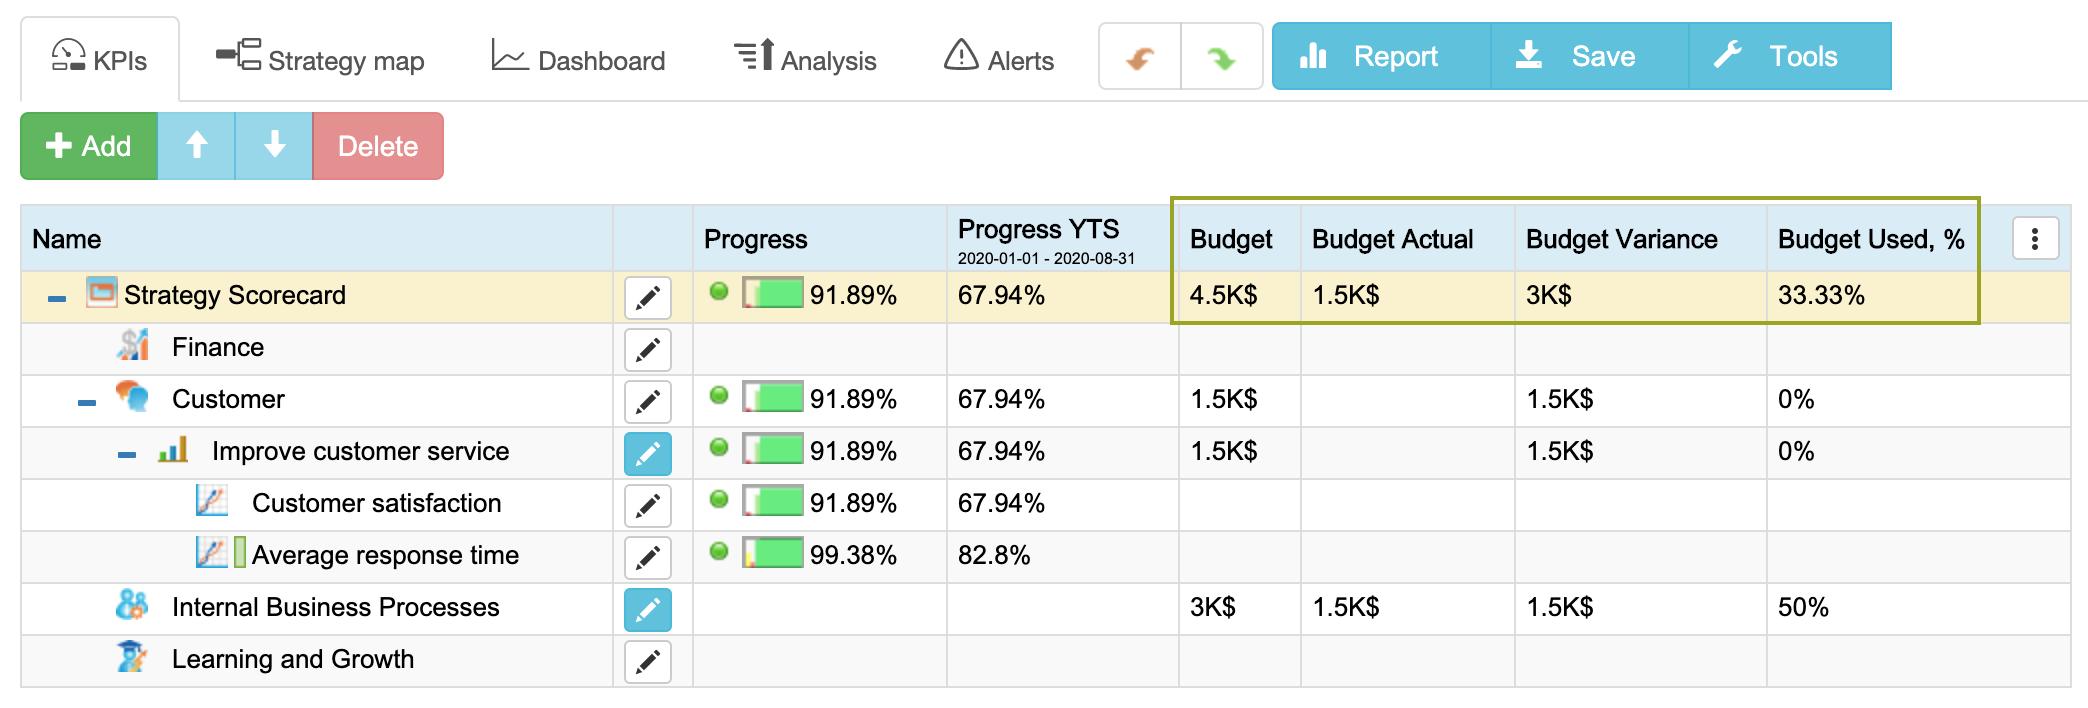 Orçamento no planejamento estratégico